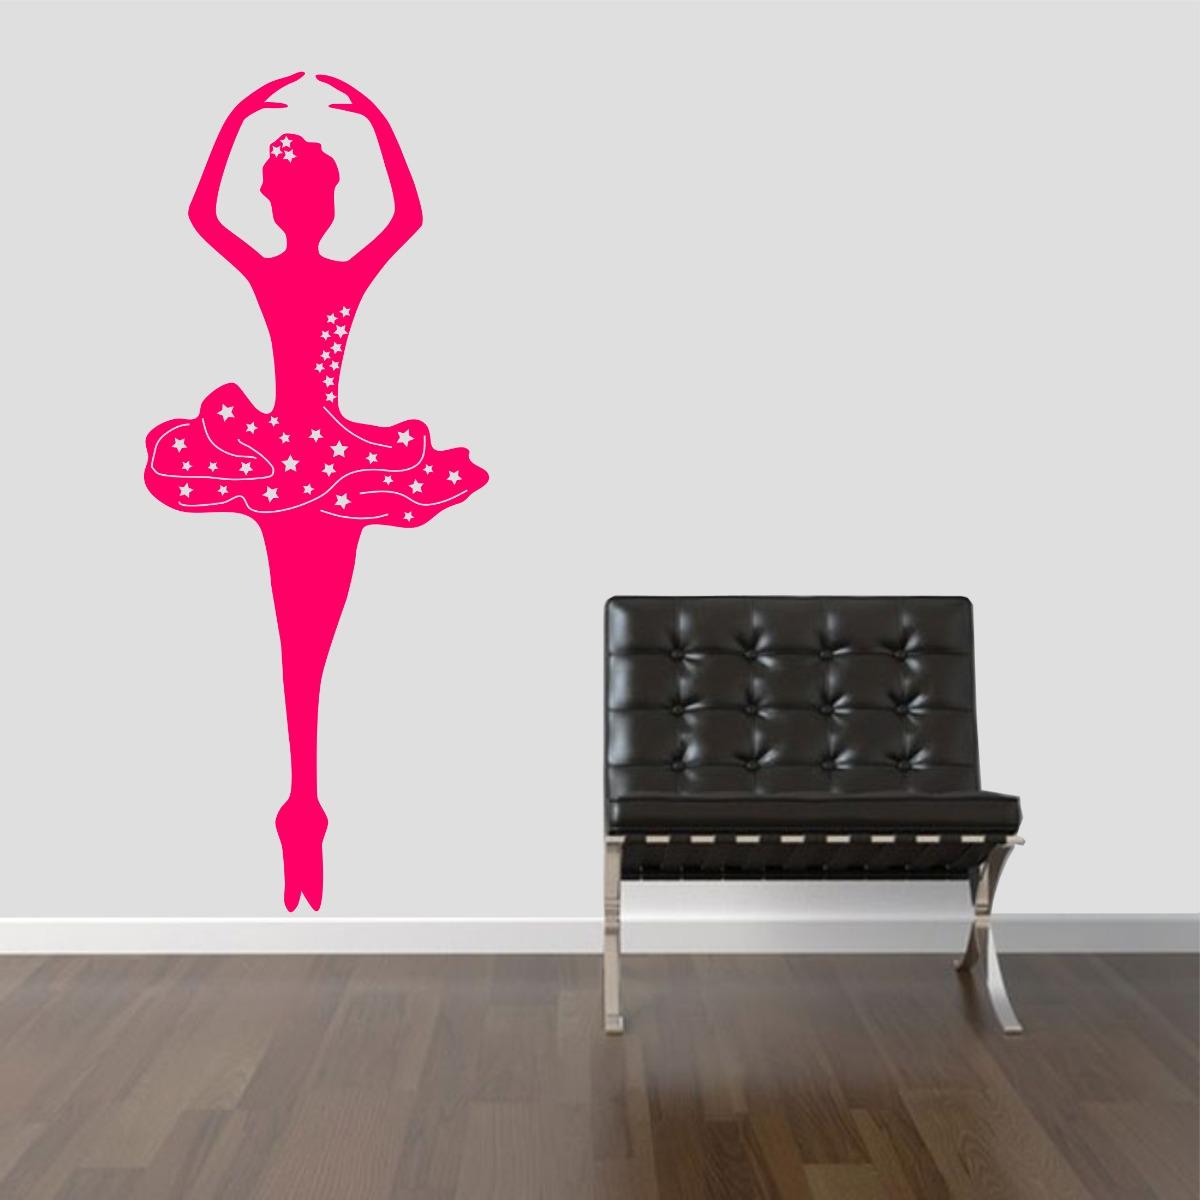 Adesivo Azulejo Pastilha Resinada ~ Adesivo Decorativo Parede Quarto Infantil Bailarina Rosa R$ 19,99 em Mercado Livre